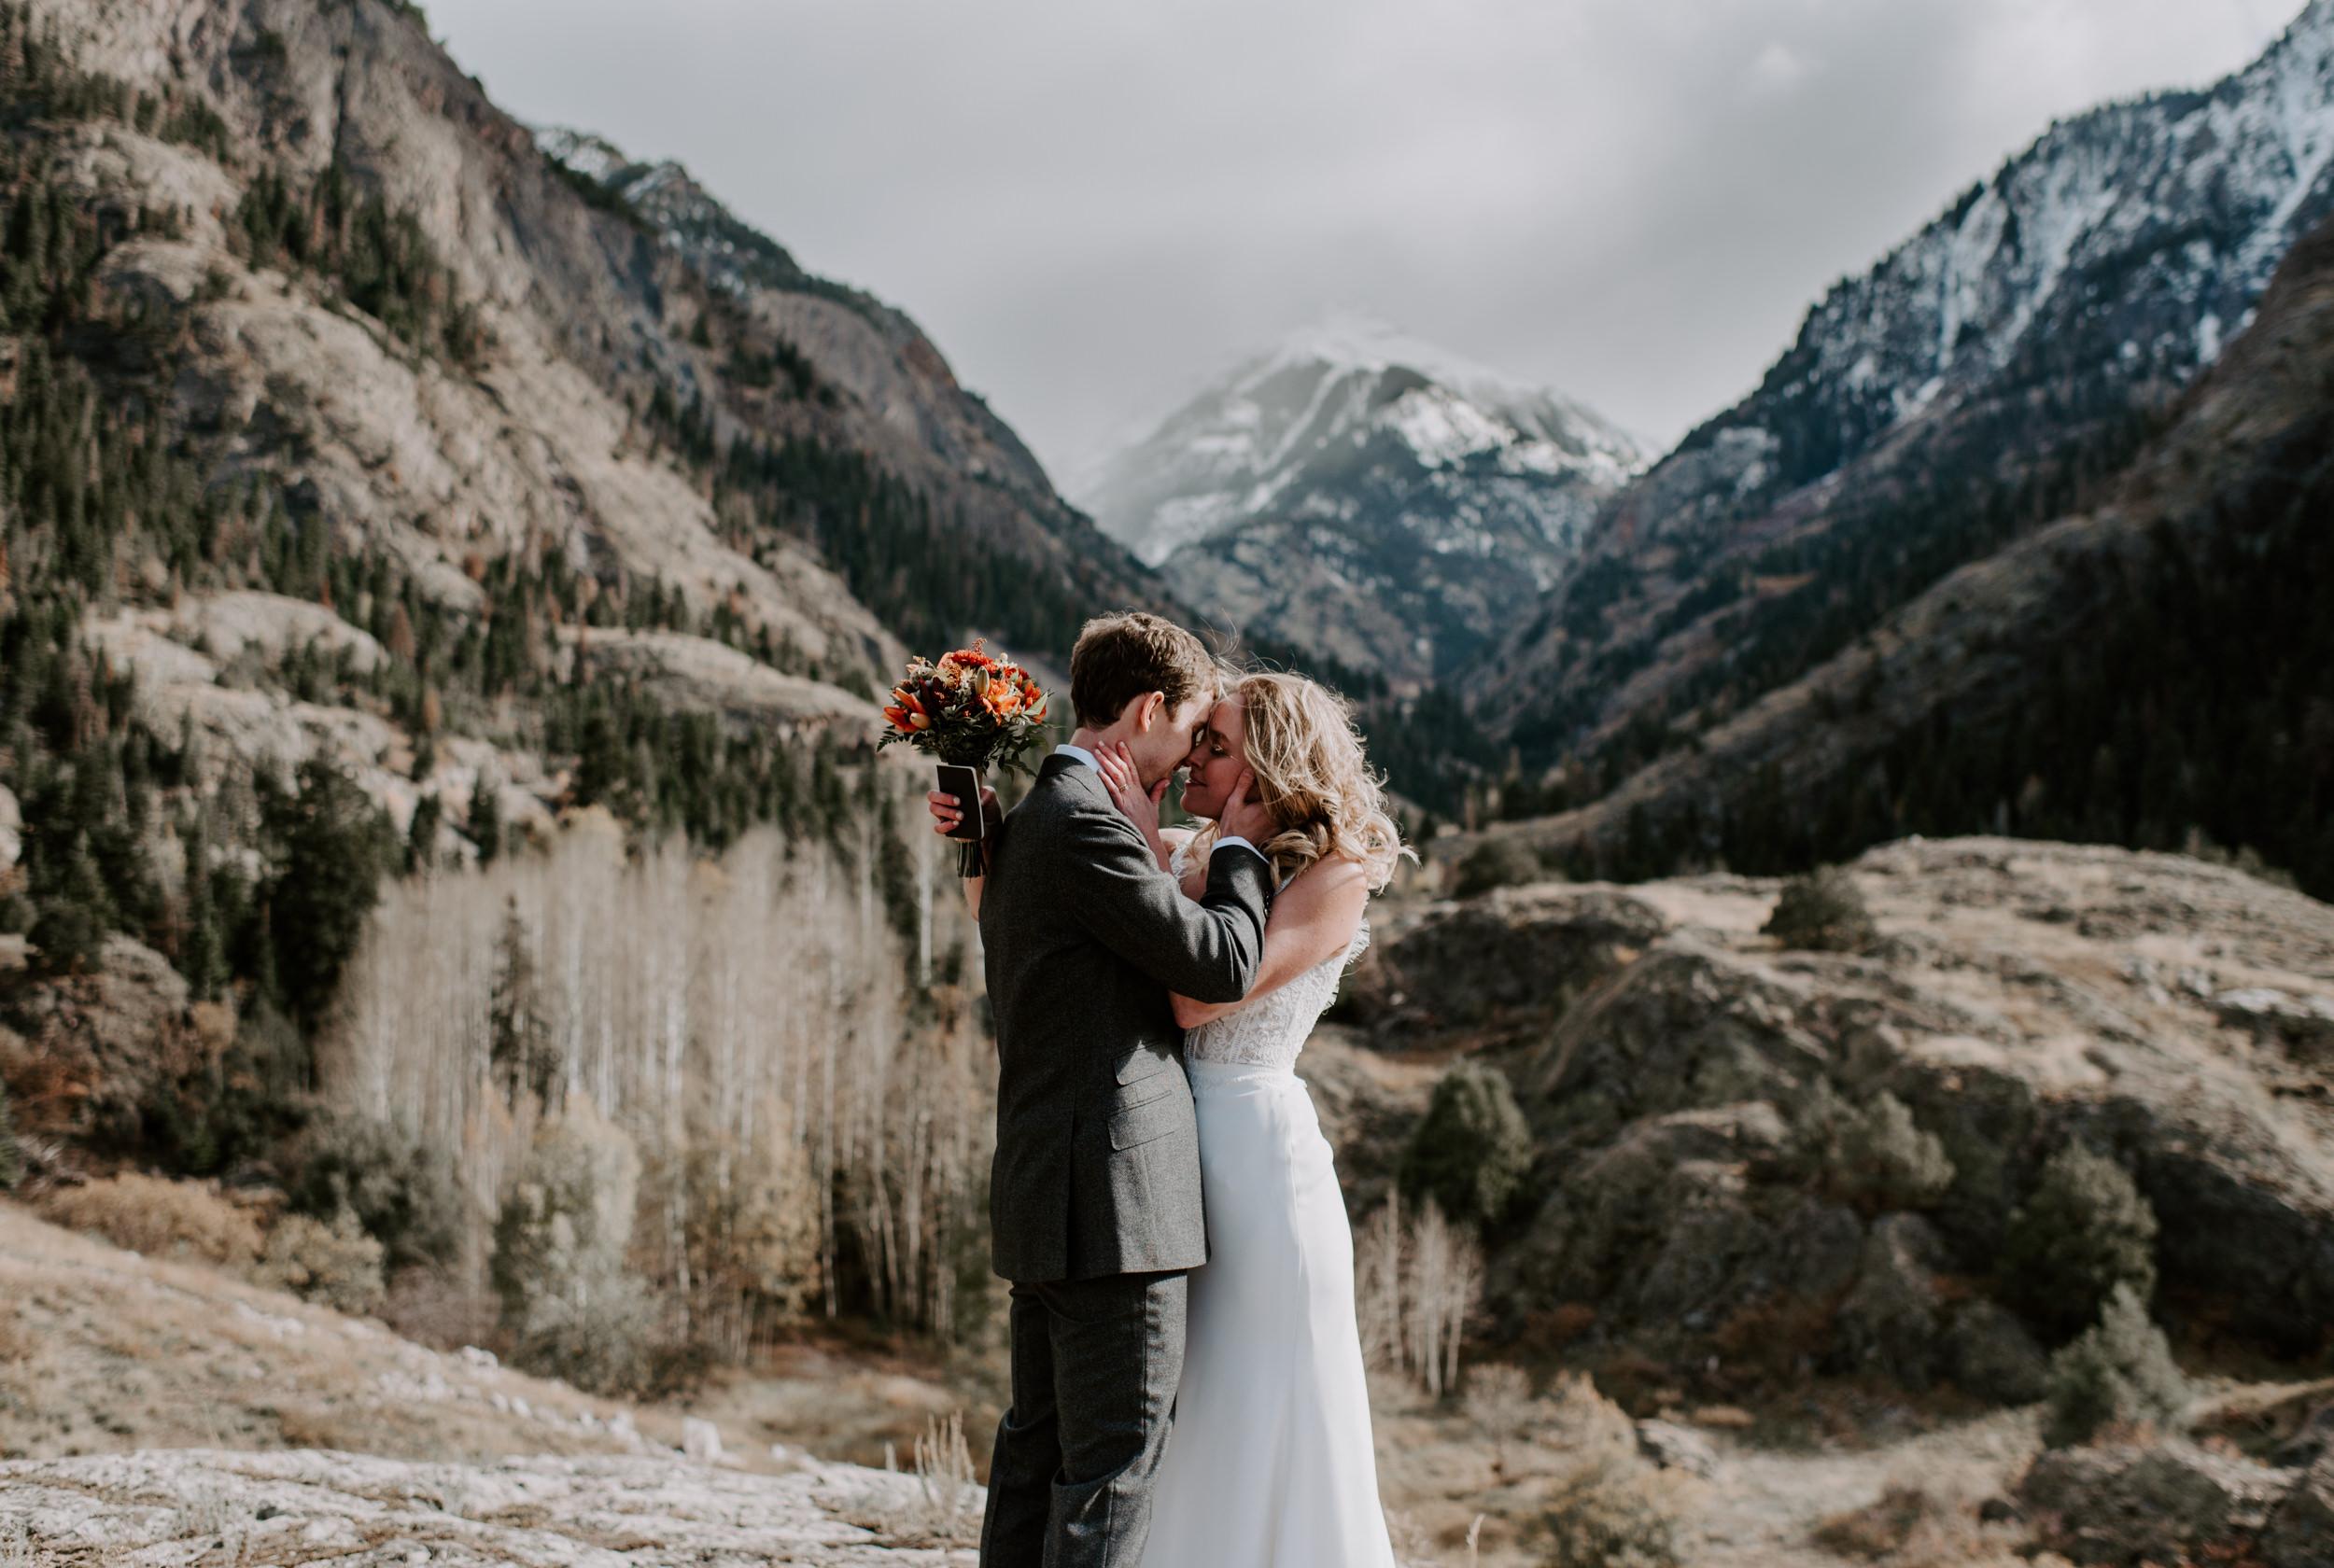 Ouray, Colorado wedding photographer. Colorado adventure elopement. Ouray, Colorado mountain elopement on Million Dollar Highway.